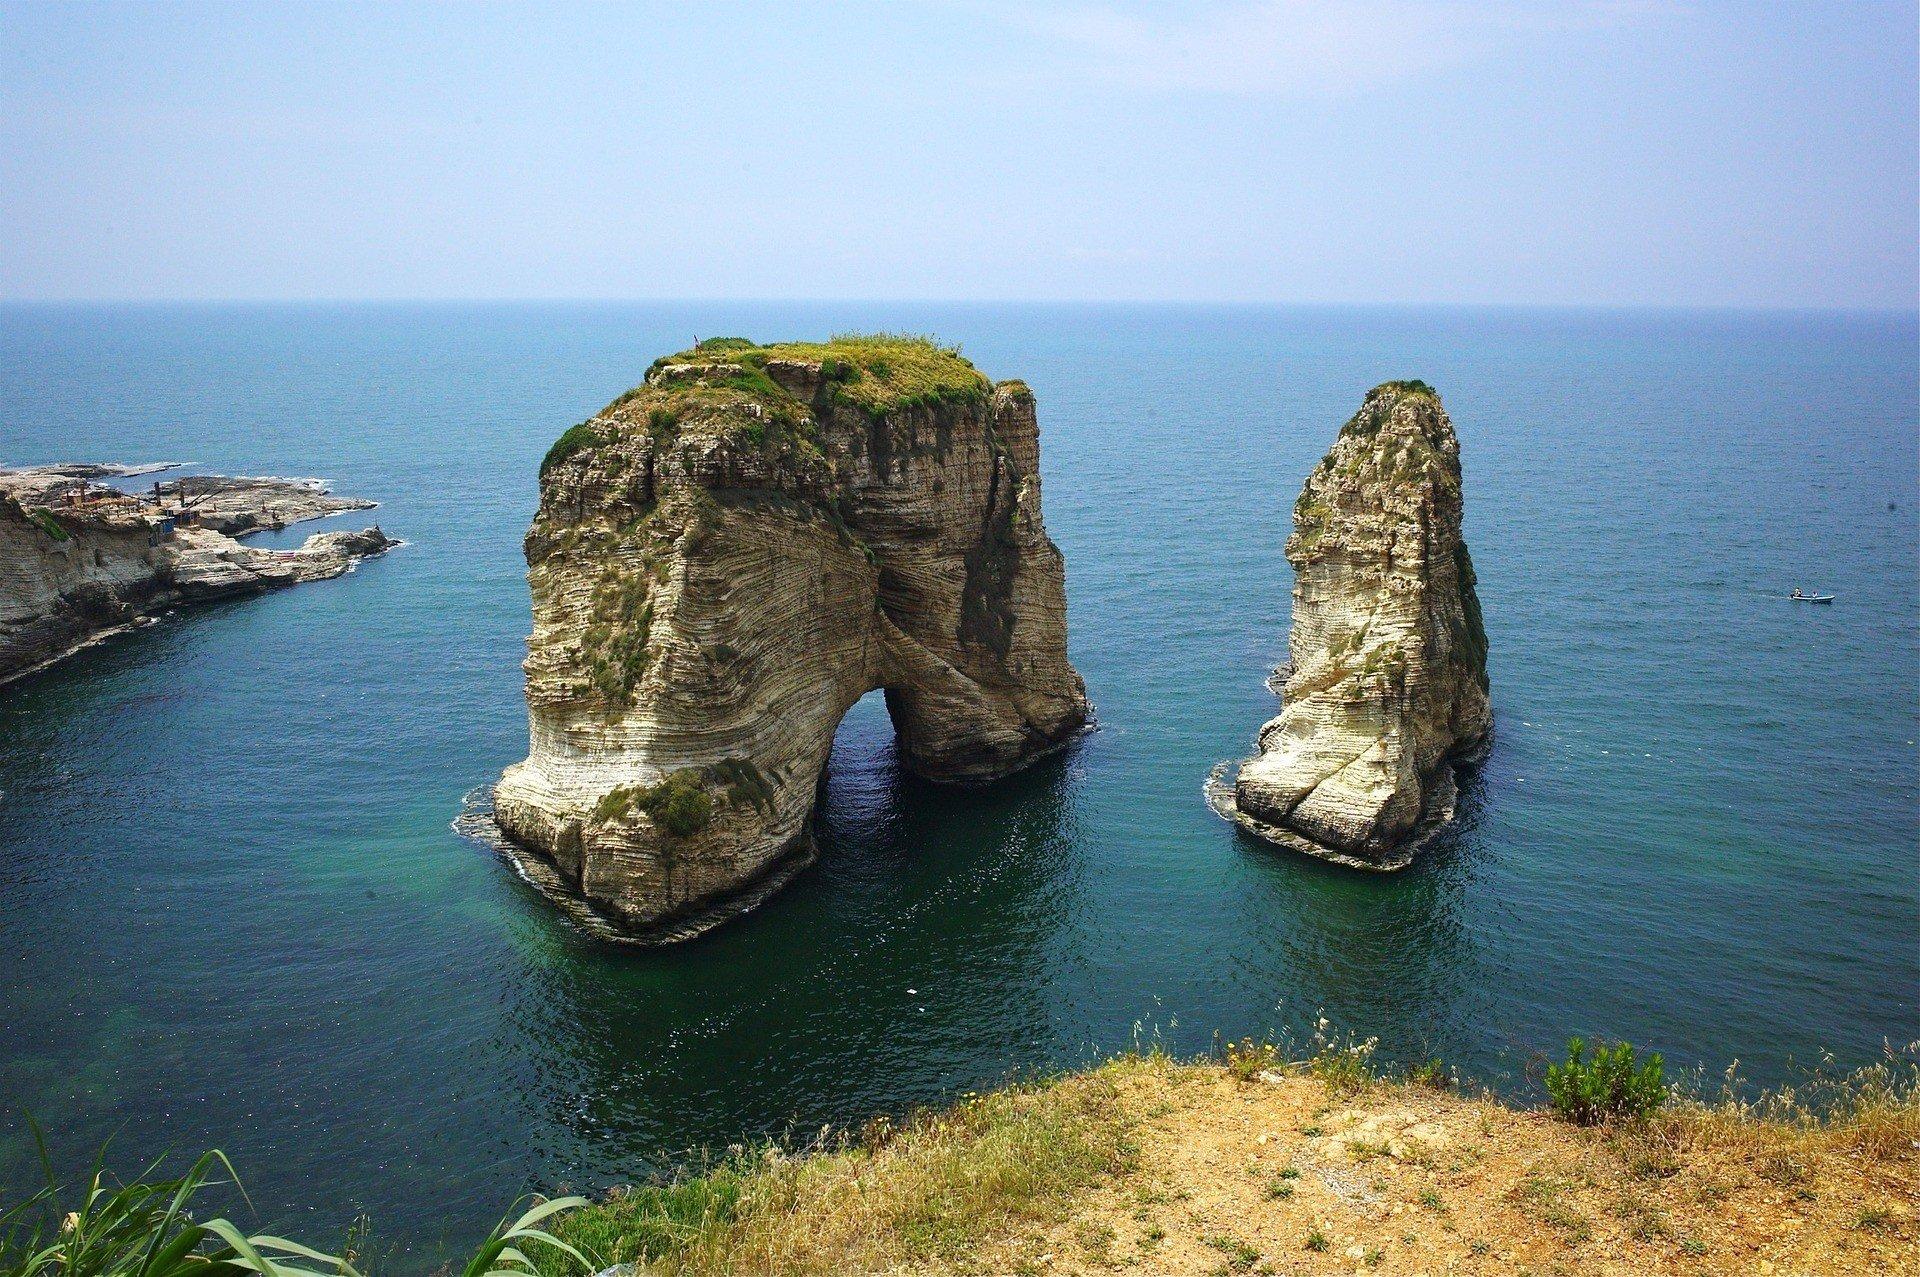 Lebanon Sea